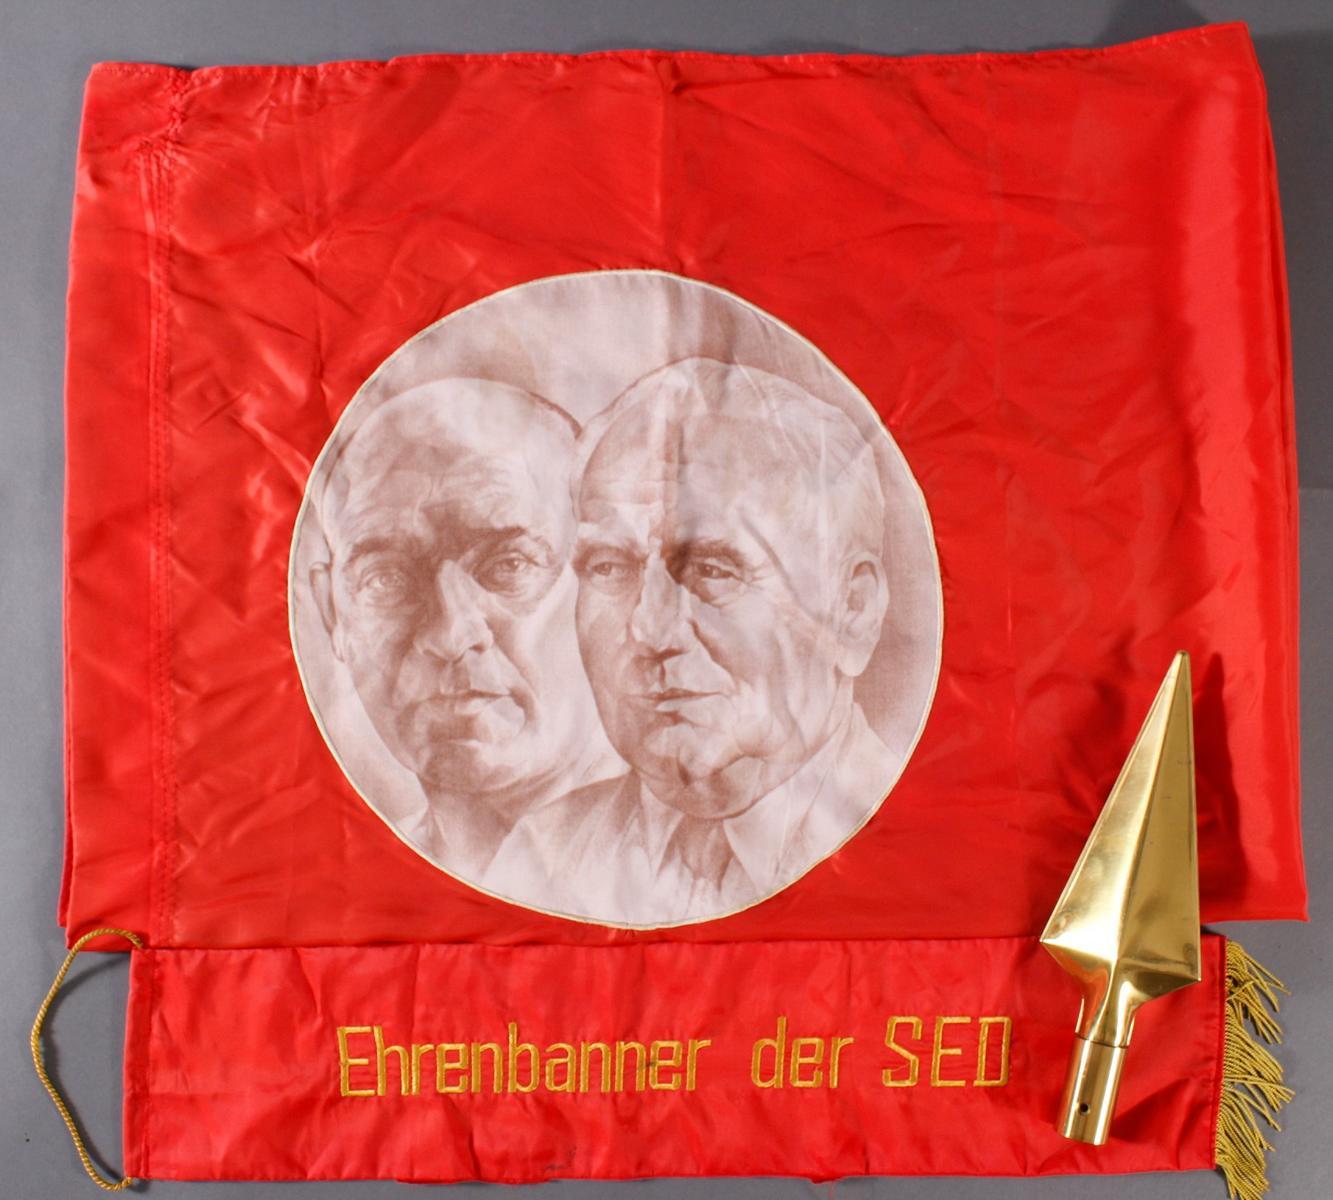 Ehrenbanner der SED